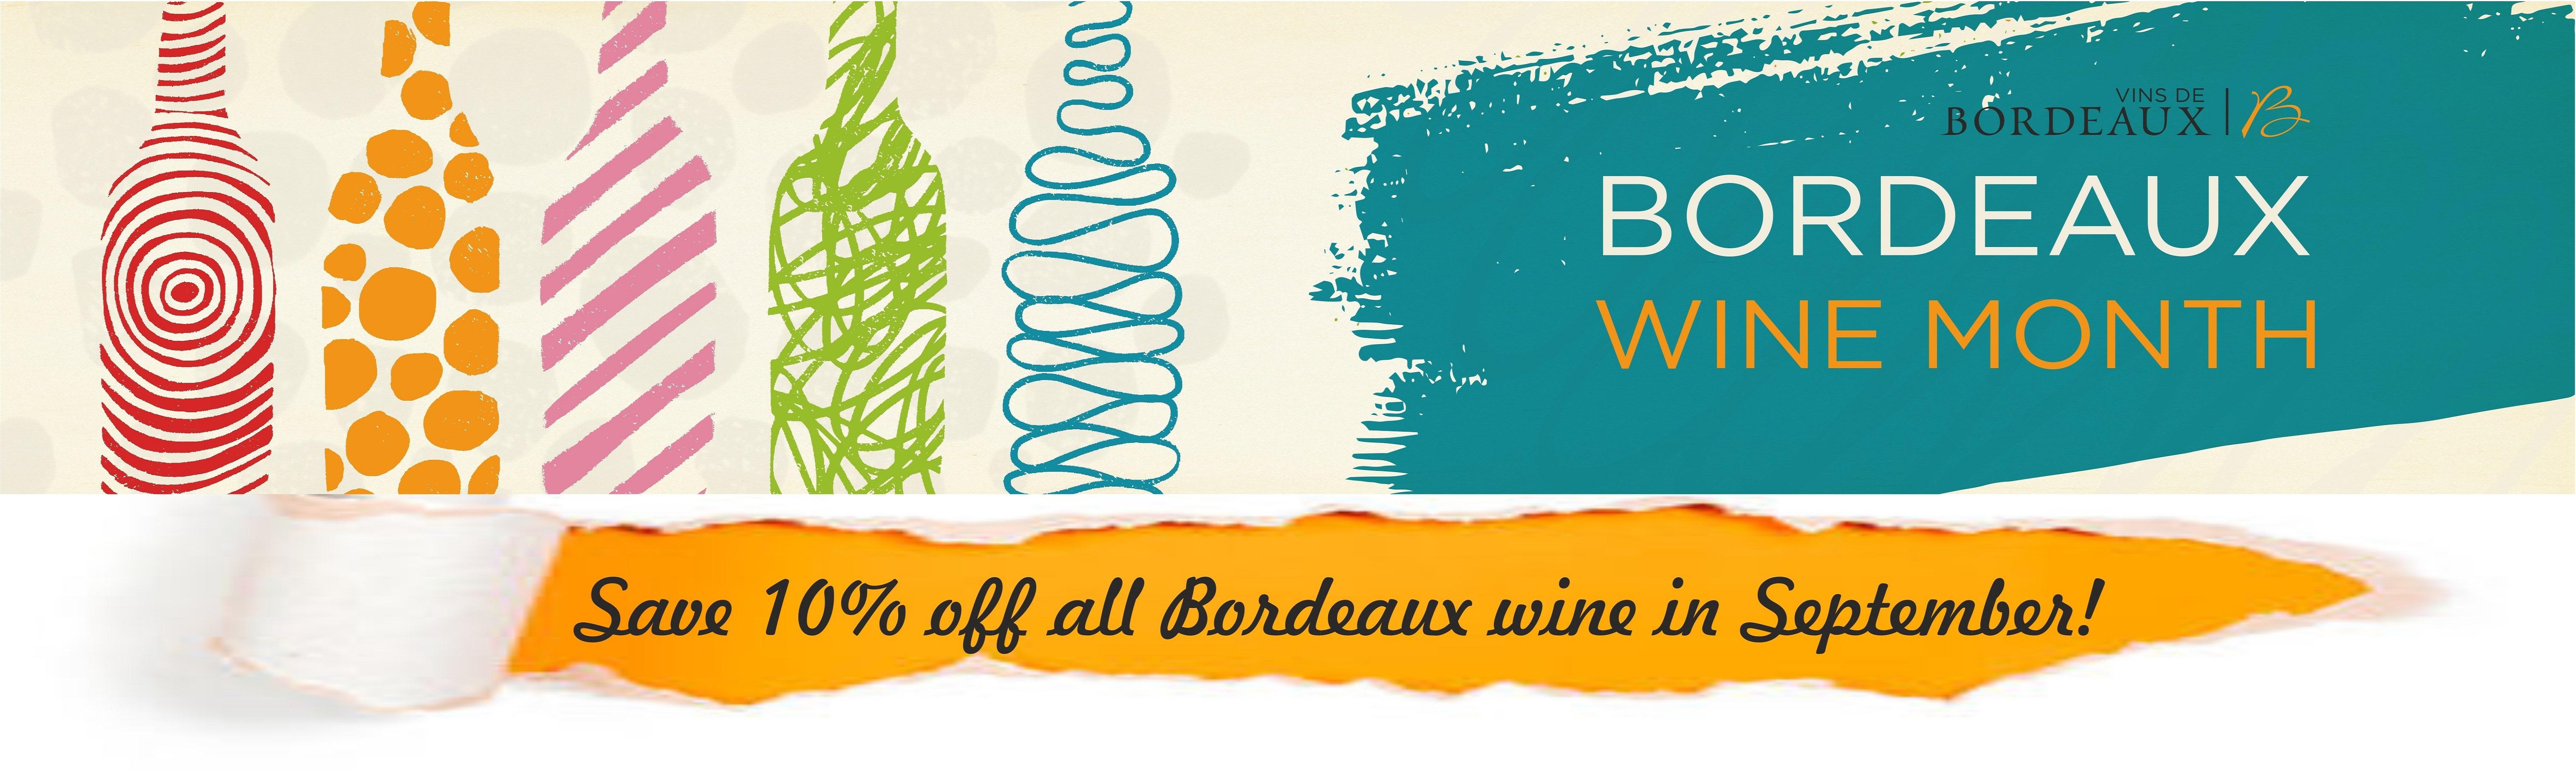 Bordeaux Wine sale